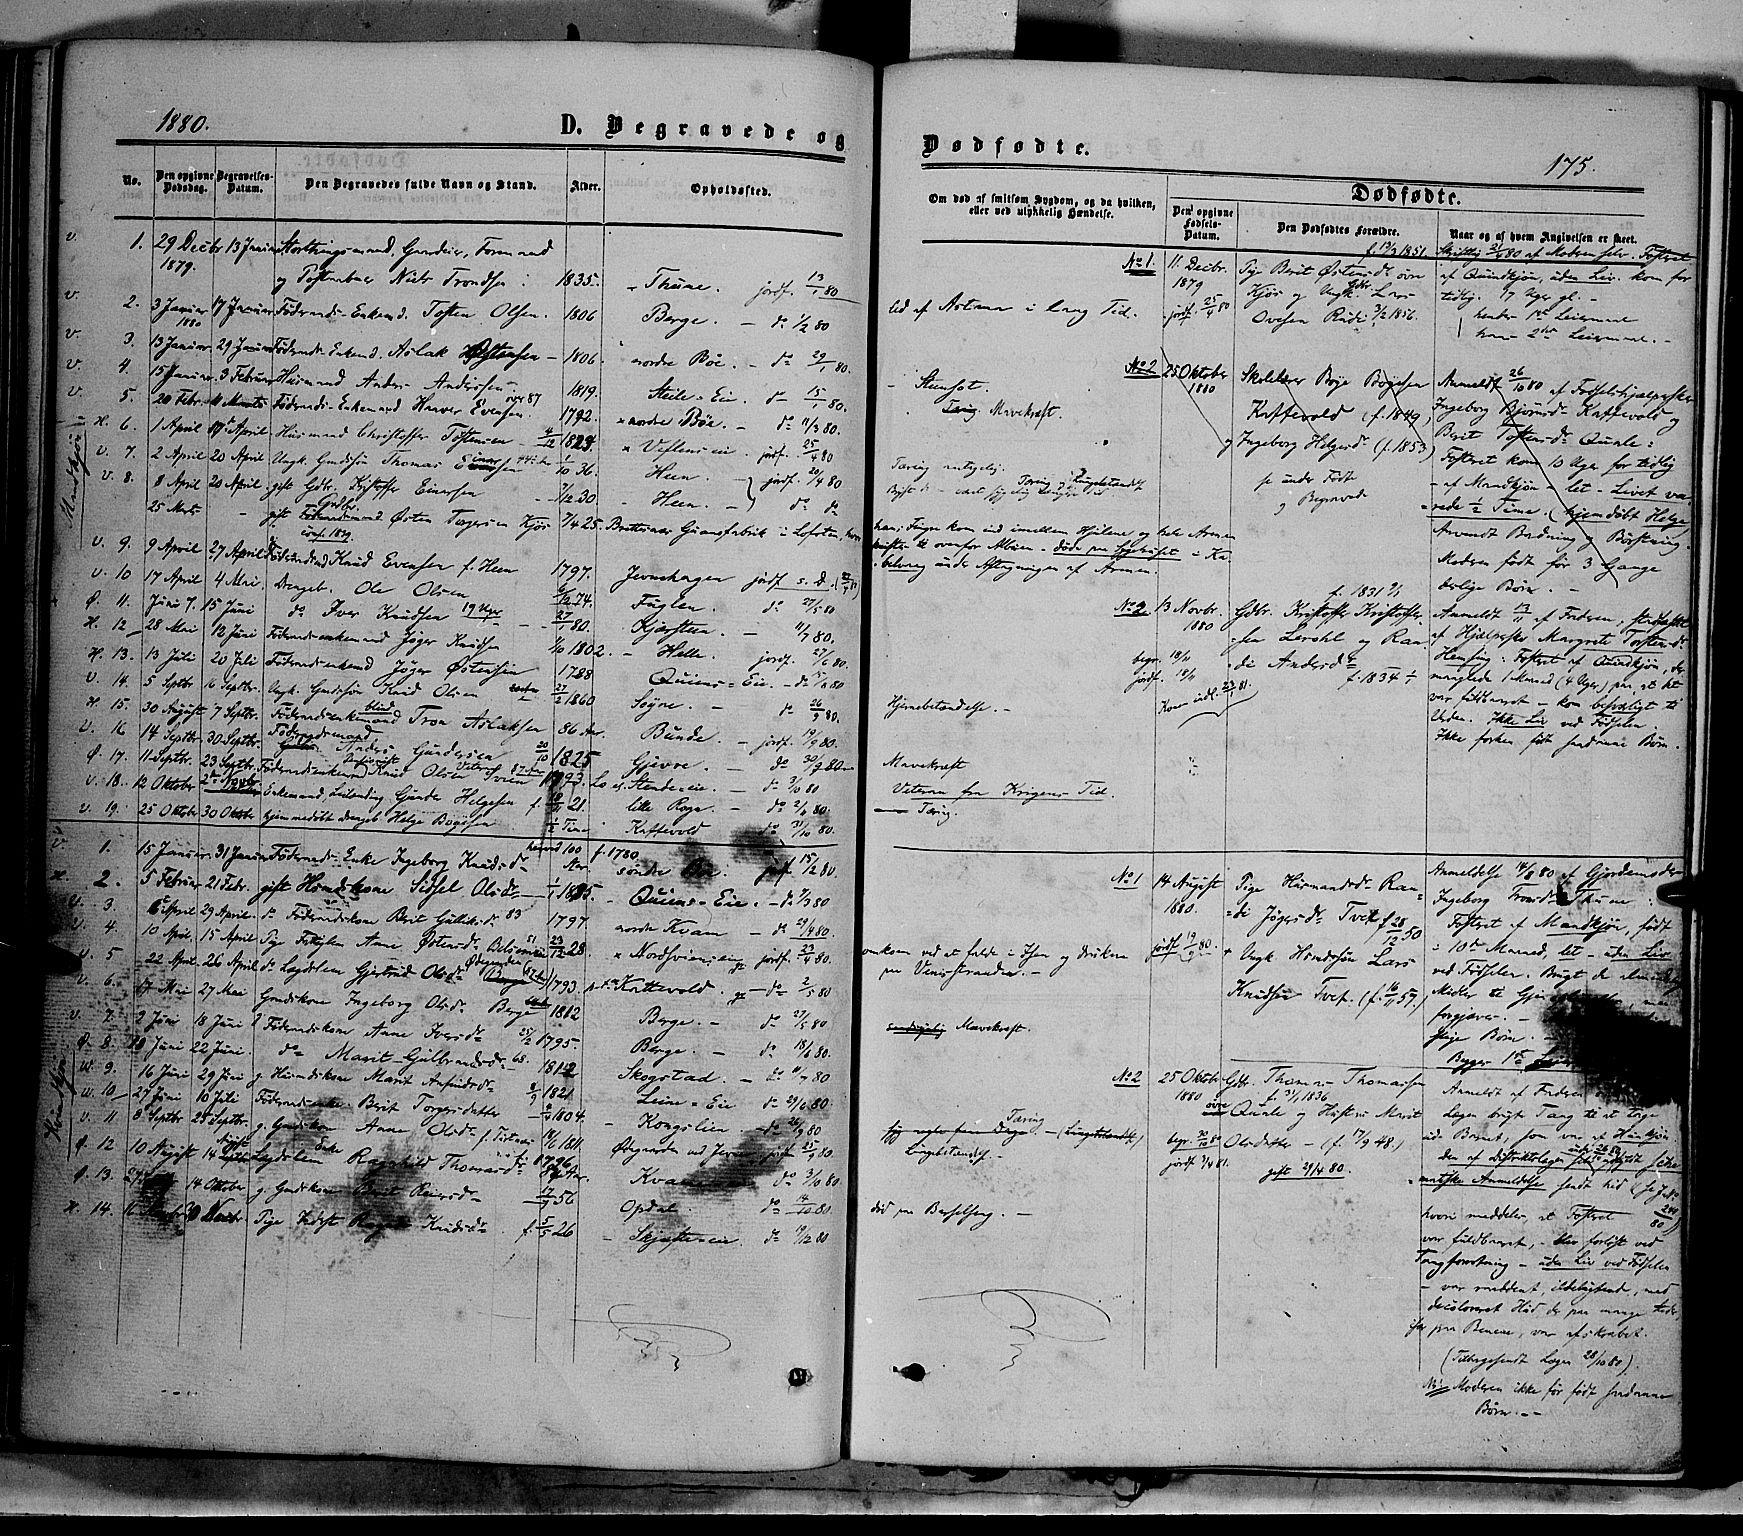 SAH, Vang prestekontor, Valdres, Ministerialbok nr. 7, 1865-1881, s. 175